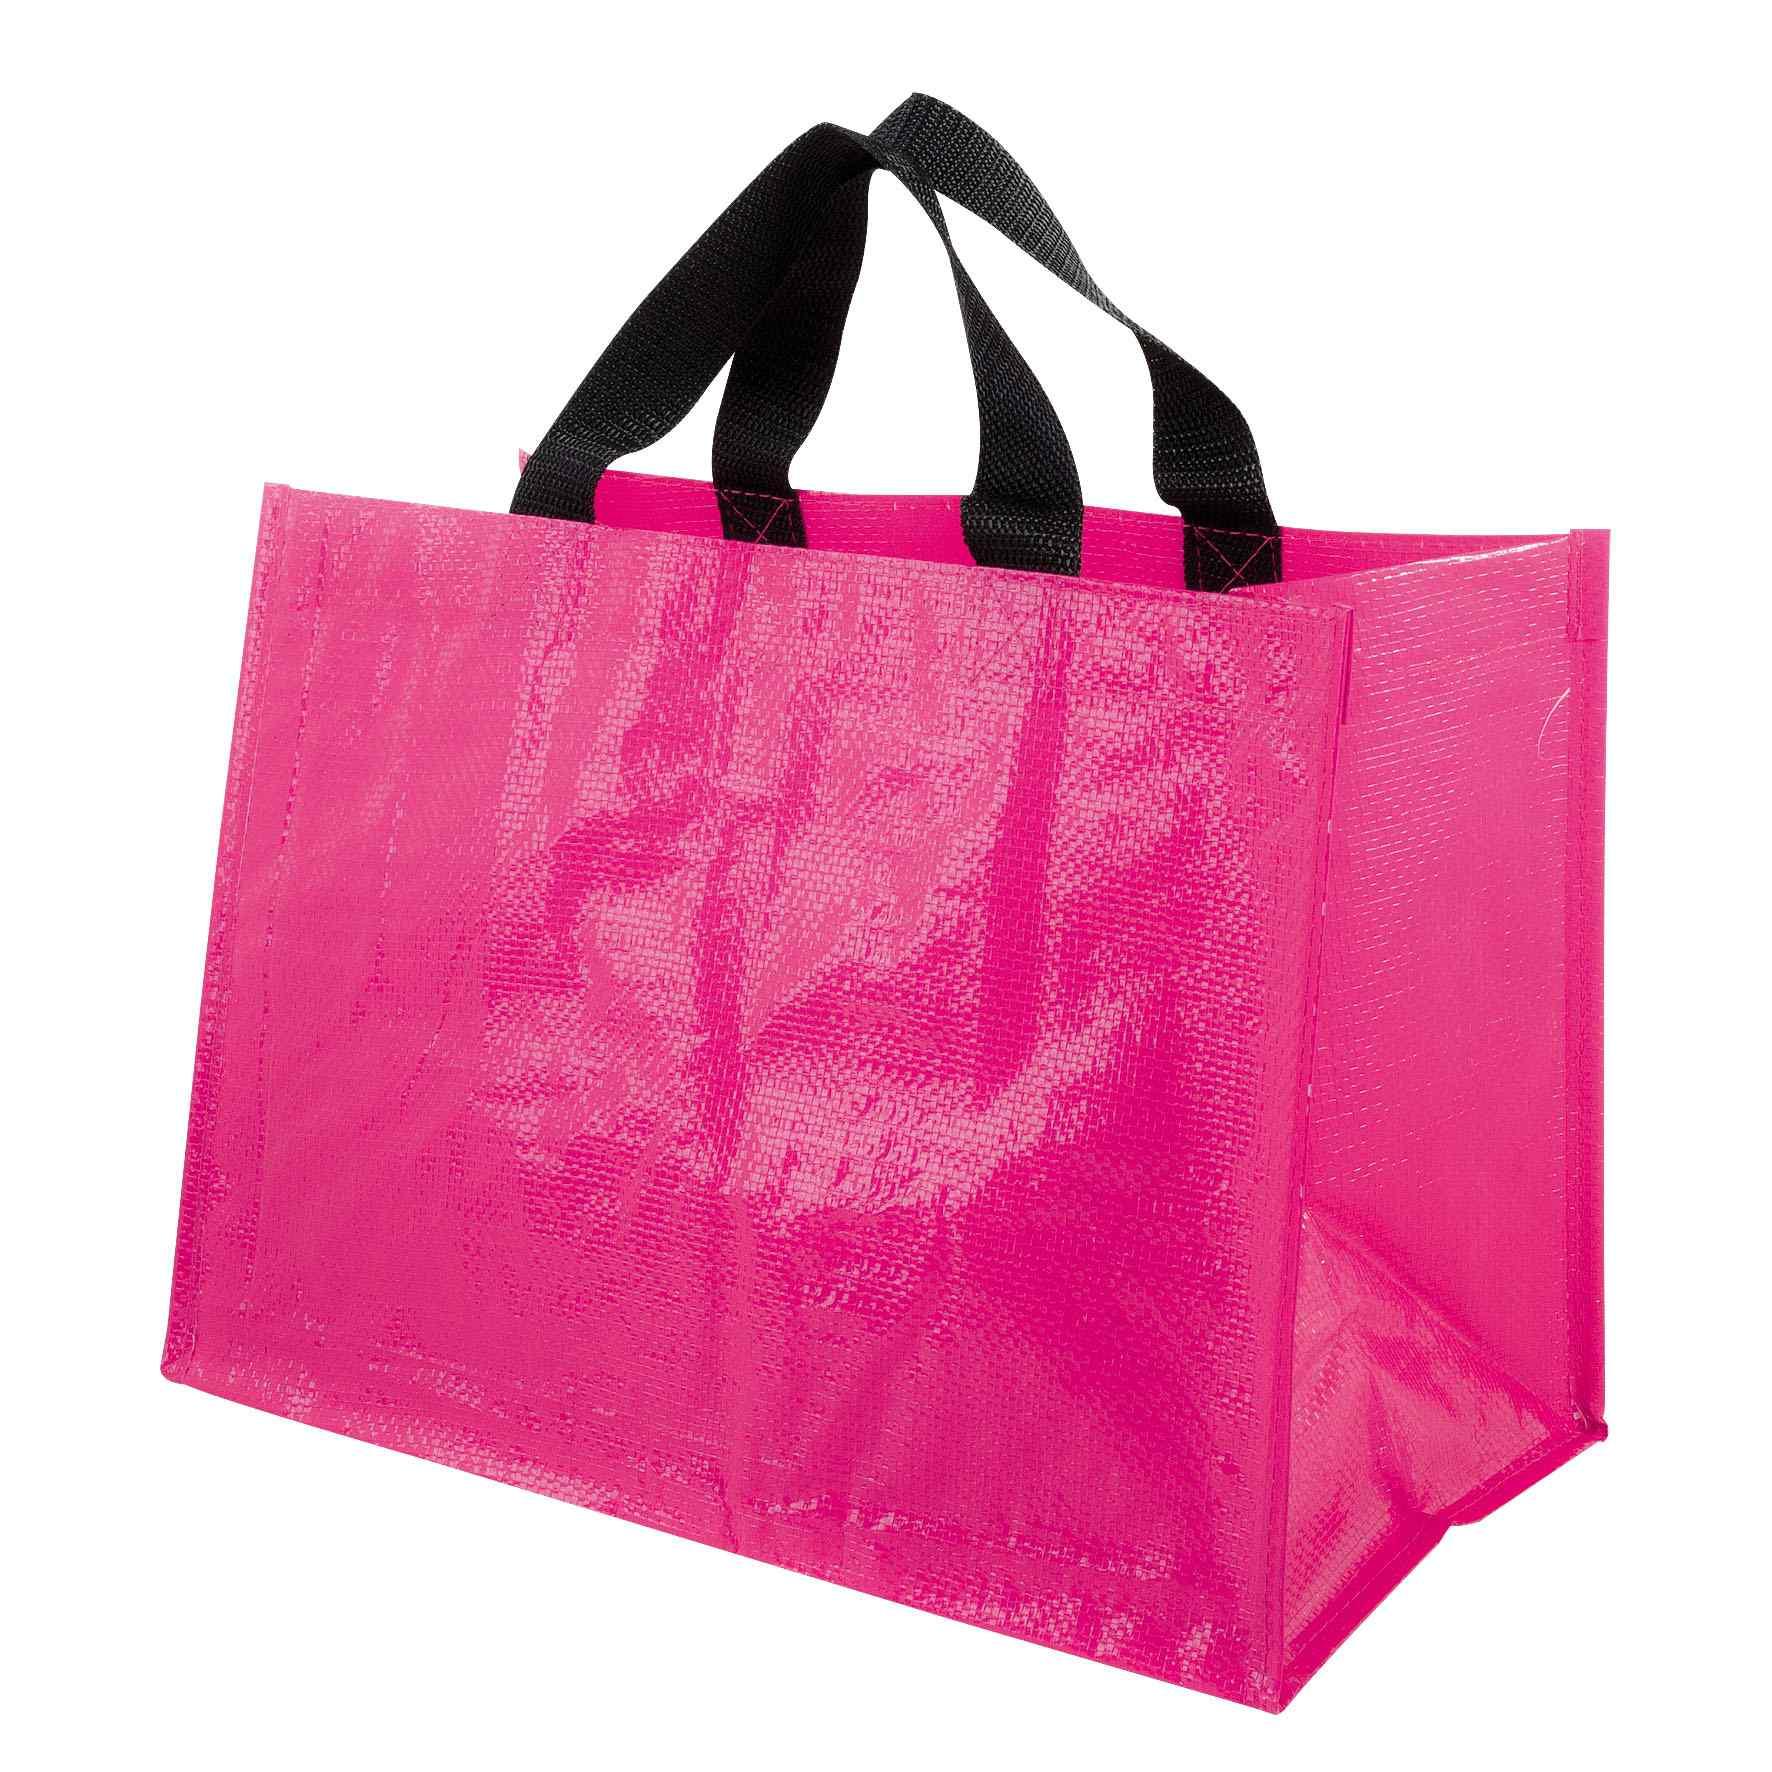 Sac shopping publicitaire PP tissé Horizon - Cadeau promotionnel